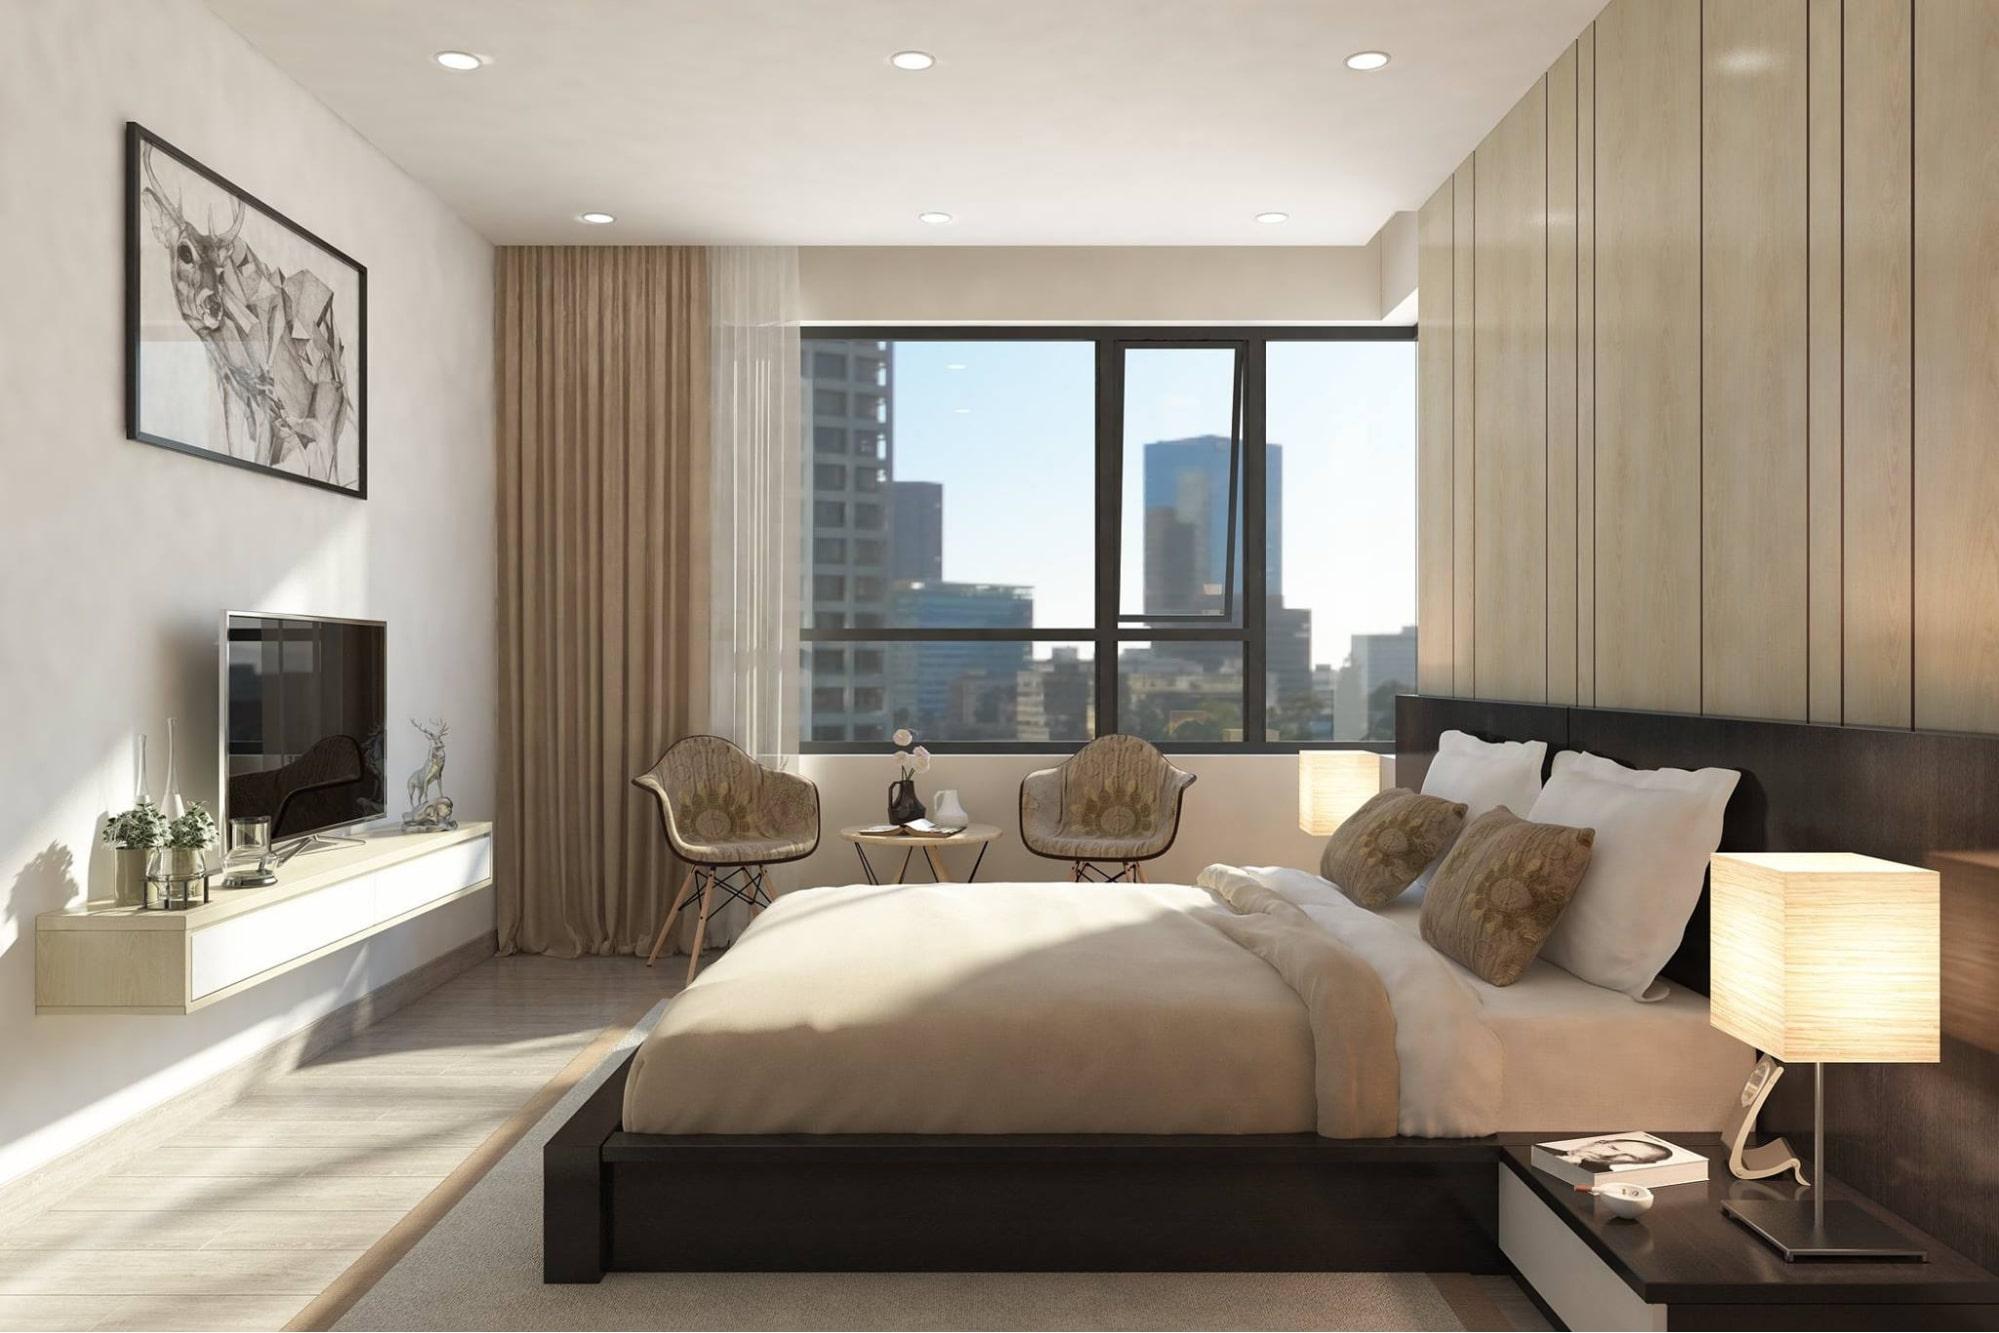 mẫu phong cách thiết kế nội thất khách sạn đẹp